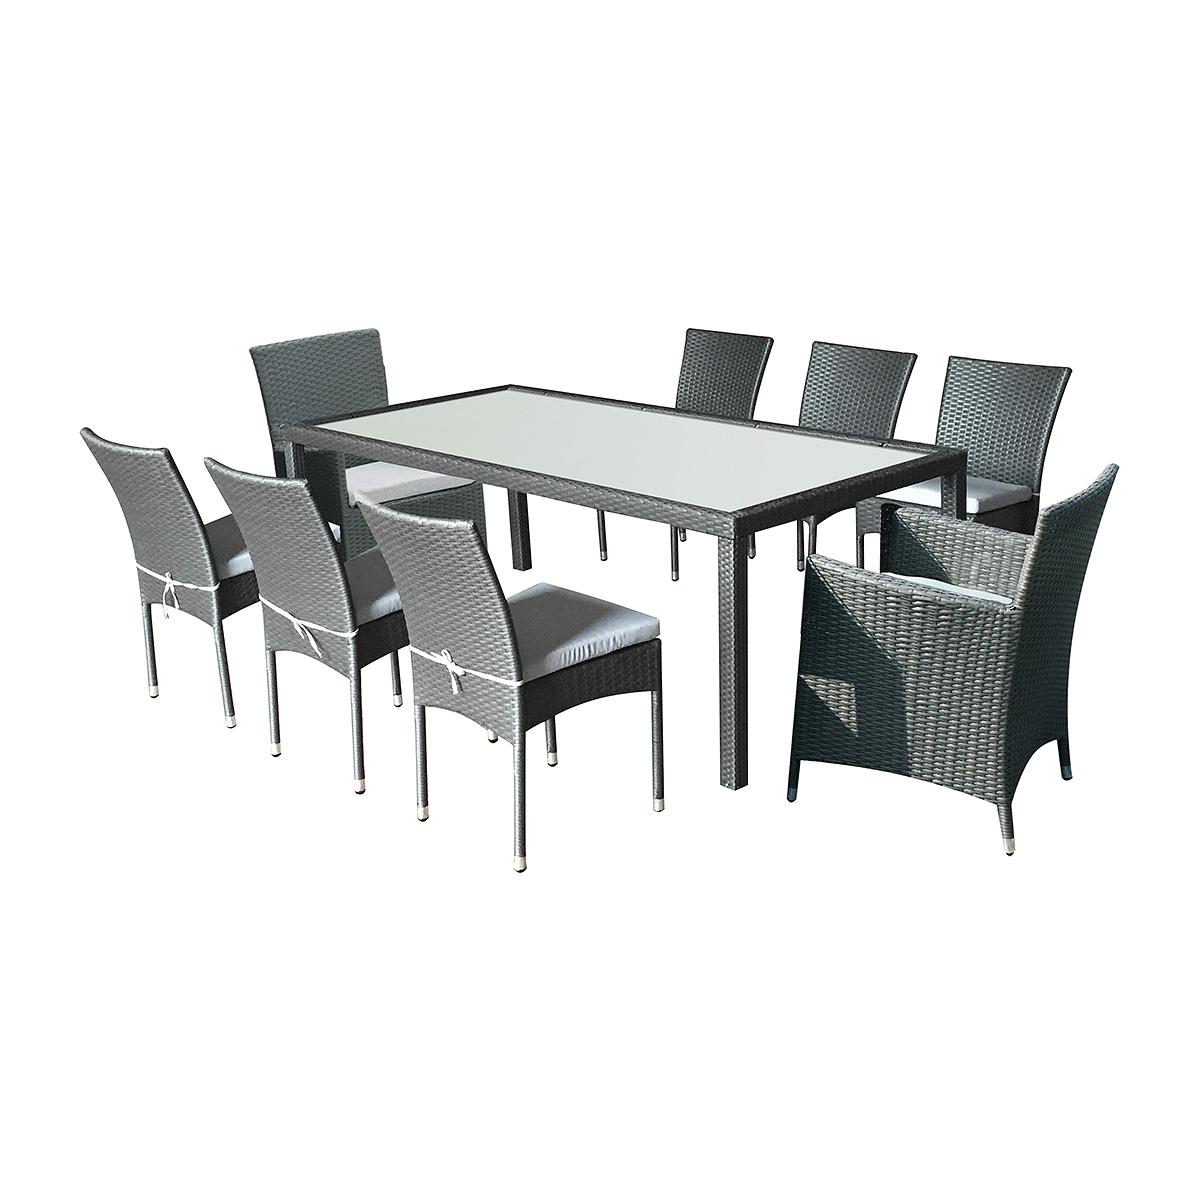 Salon Doha coussins gris : 6 chaises + 2 fauteuils